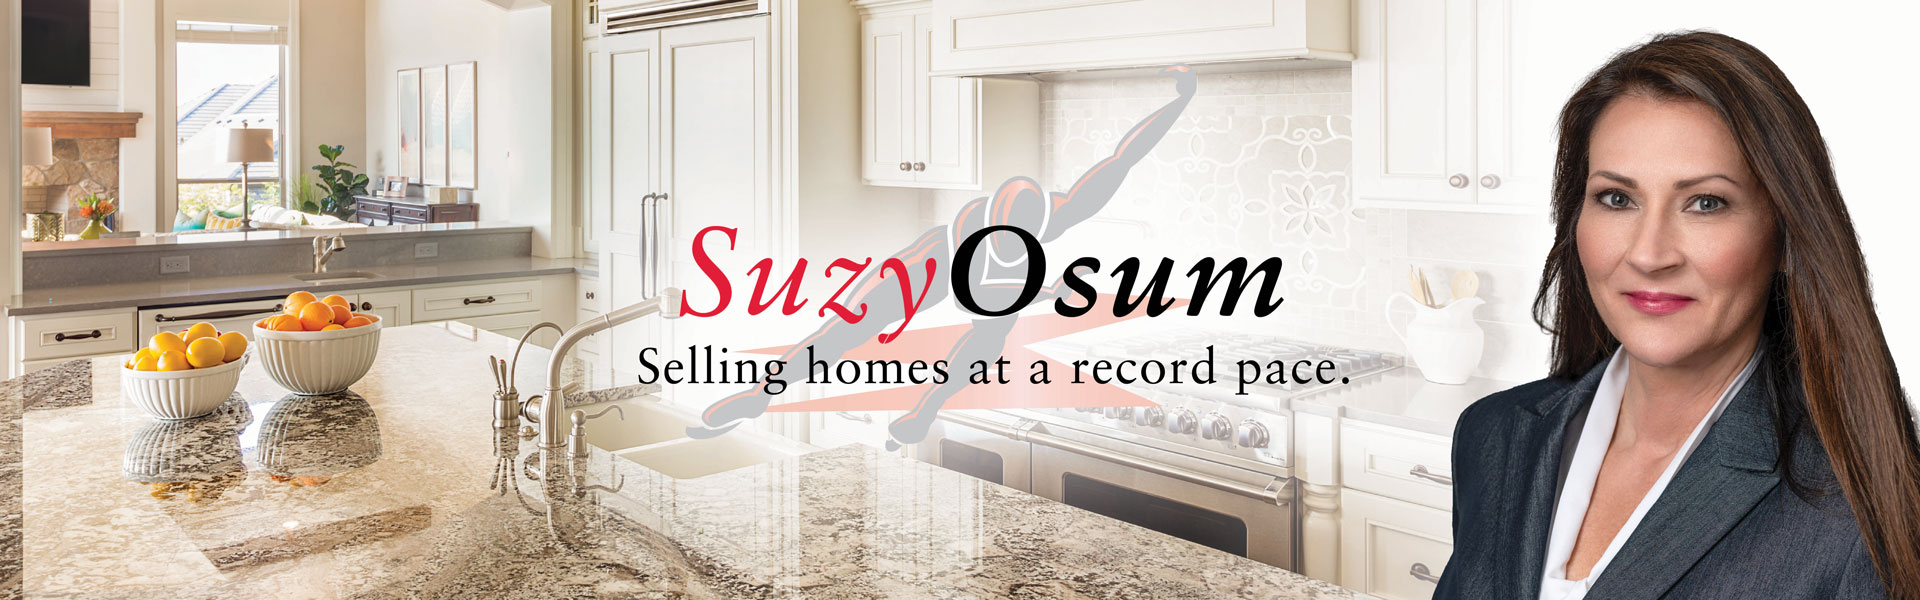 Suzy Osum